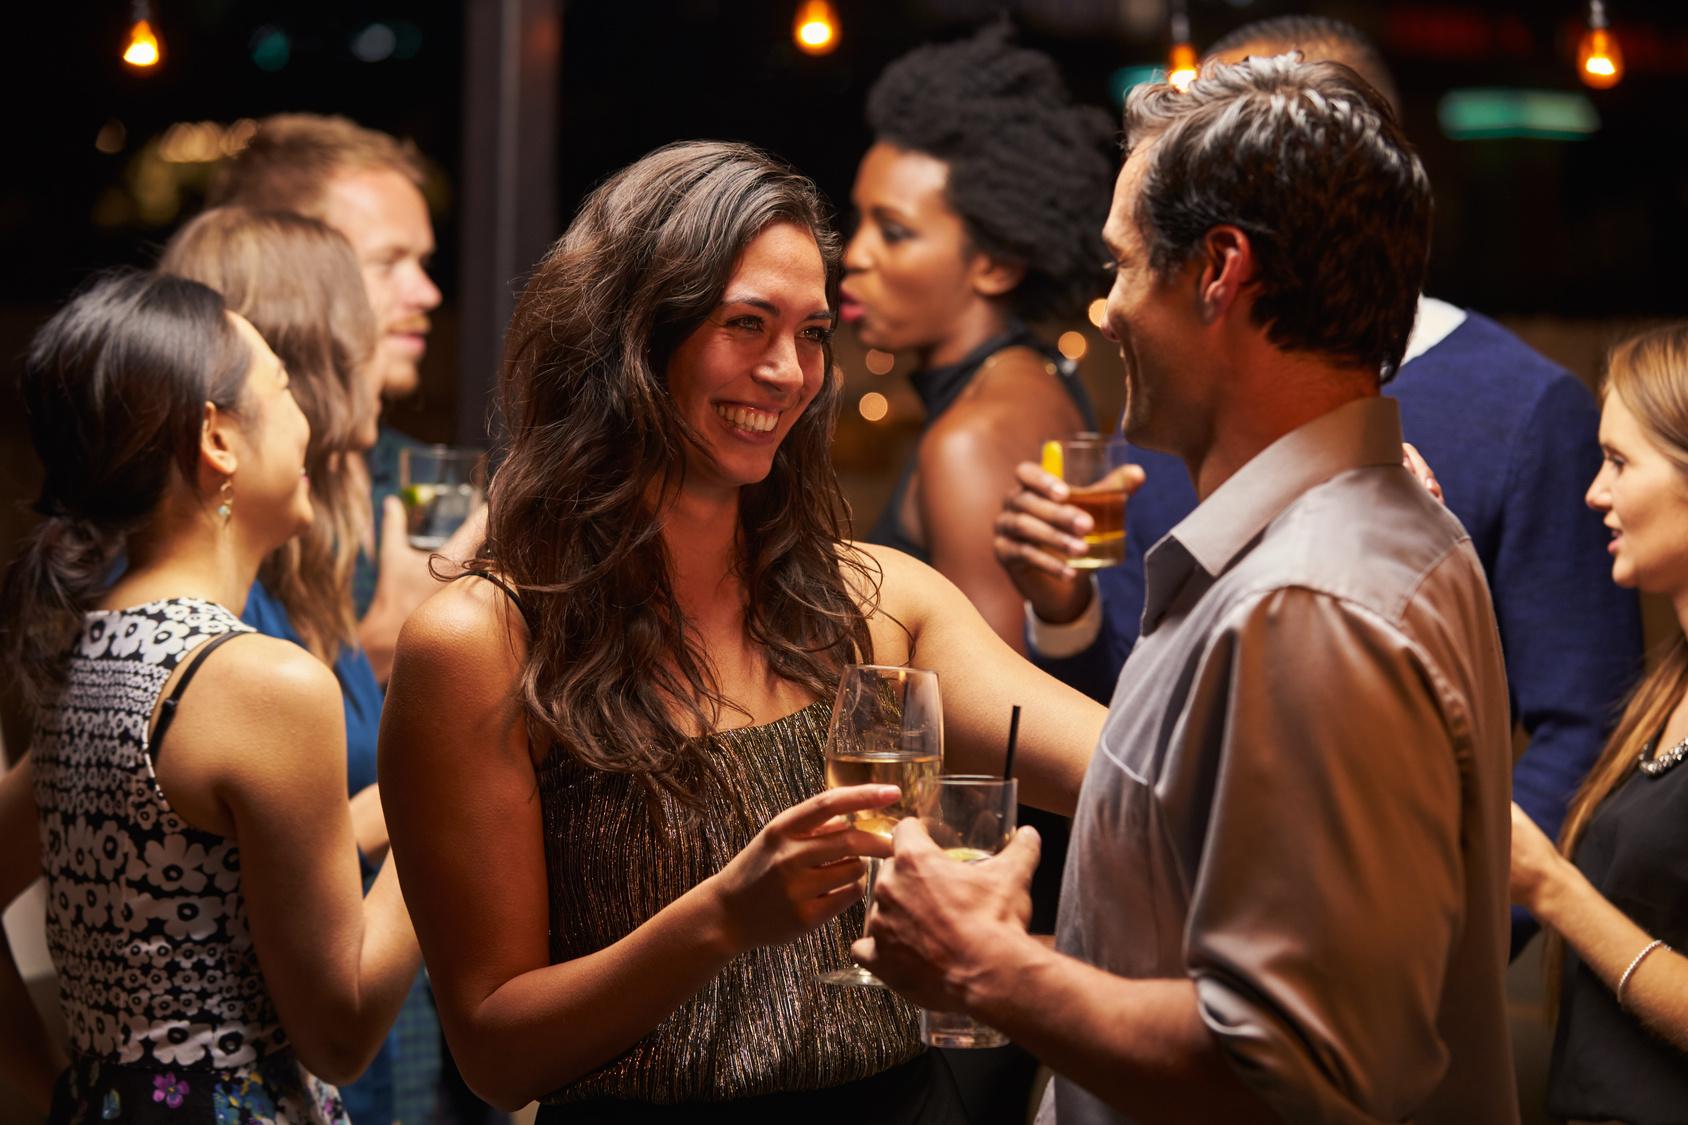 Menschen auf einer Party